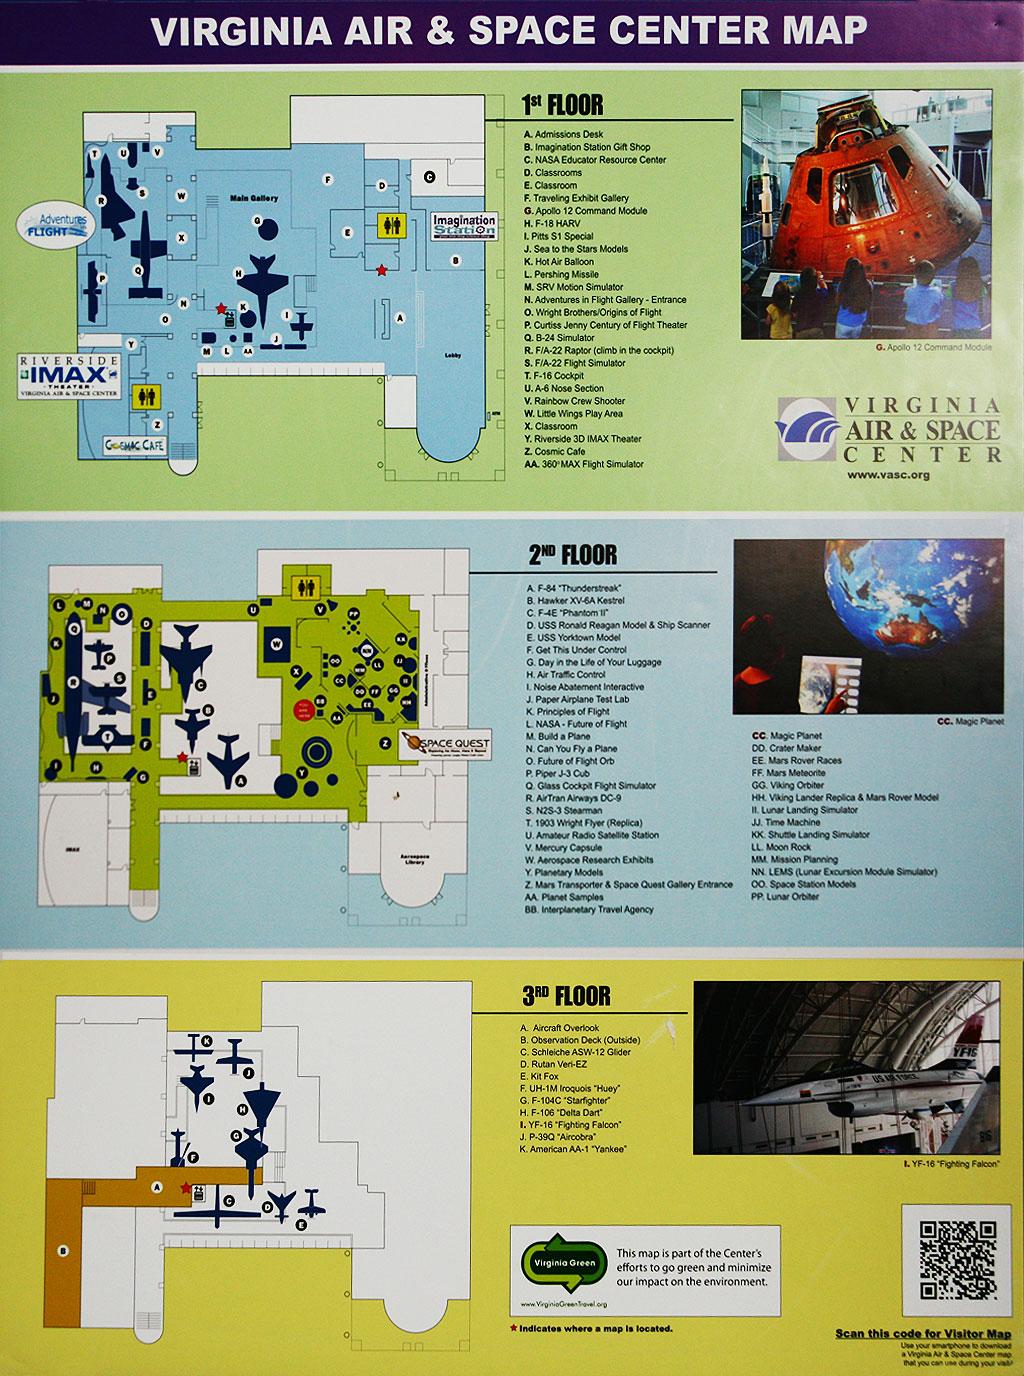 Virginia_Air_Space_Center_Mall_Map_R1_05152020.jpg